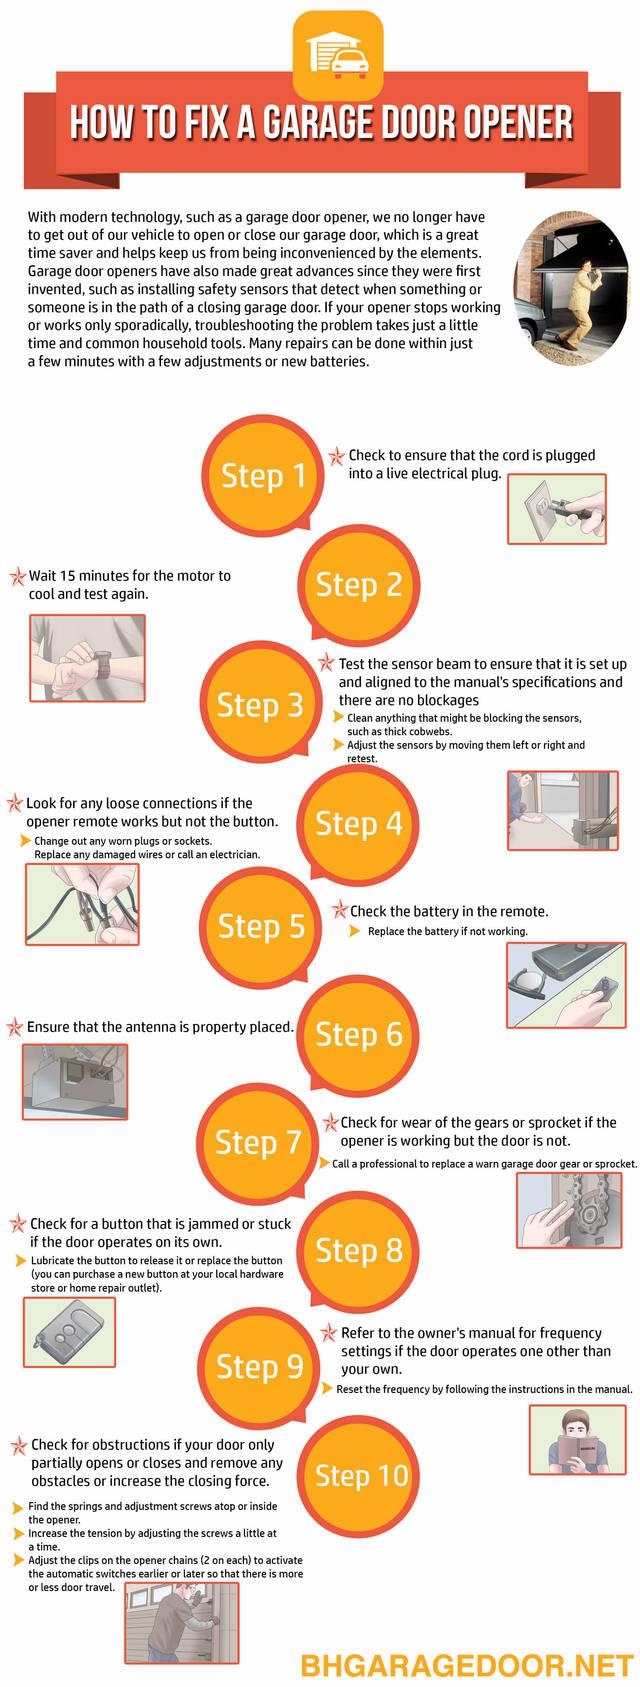 How to fix garage door opener